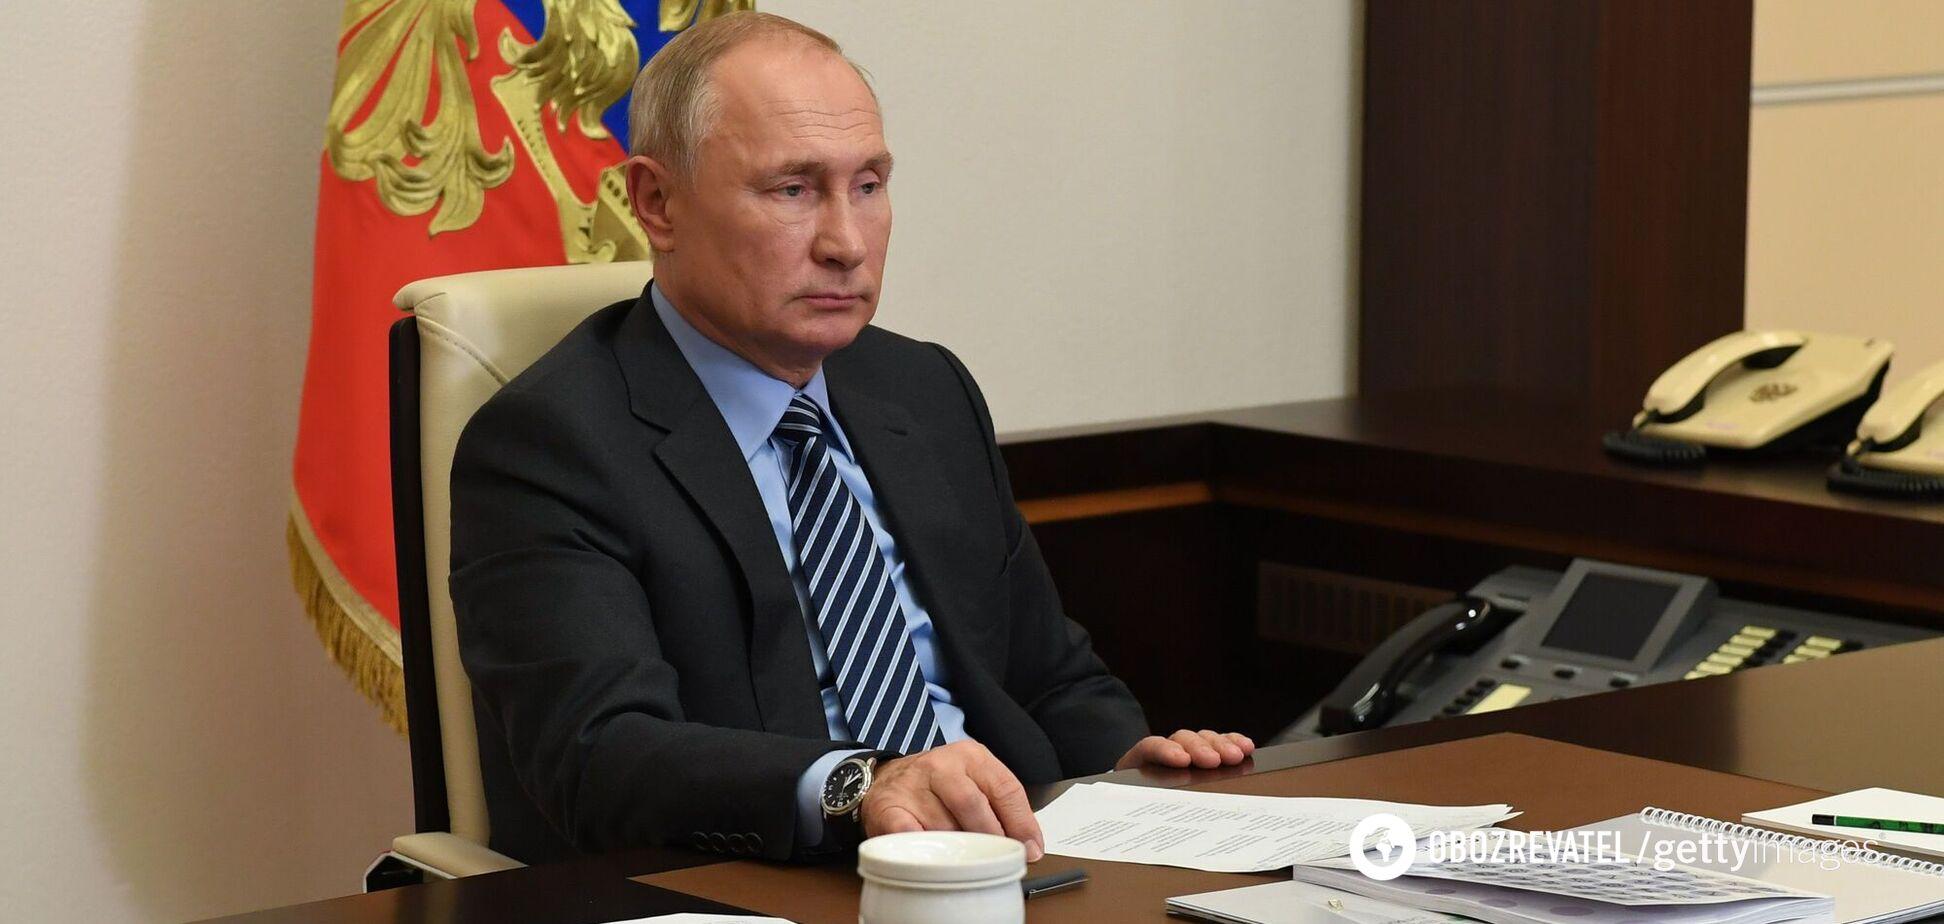 'Вы меня боитесь?' Путин пошутил над военными, обсуждая ядерное оружие